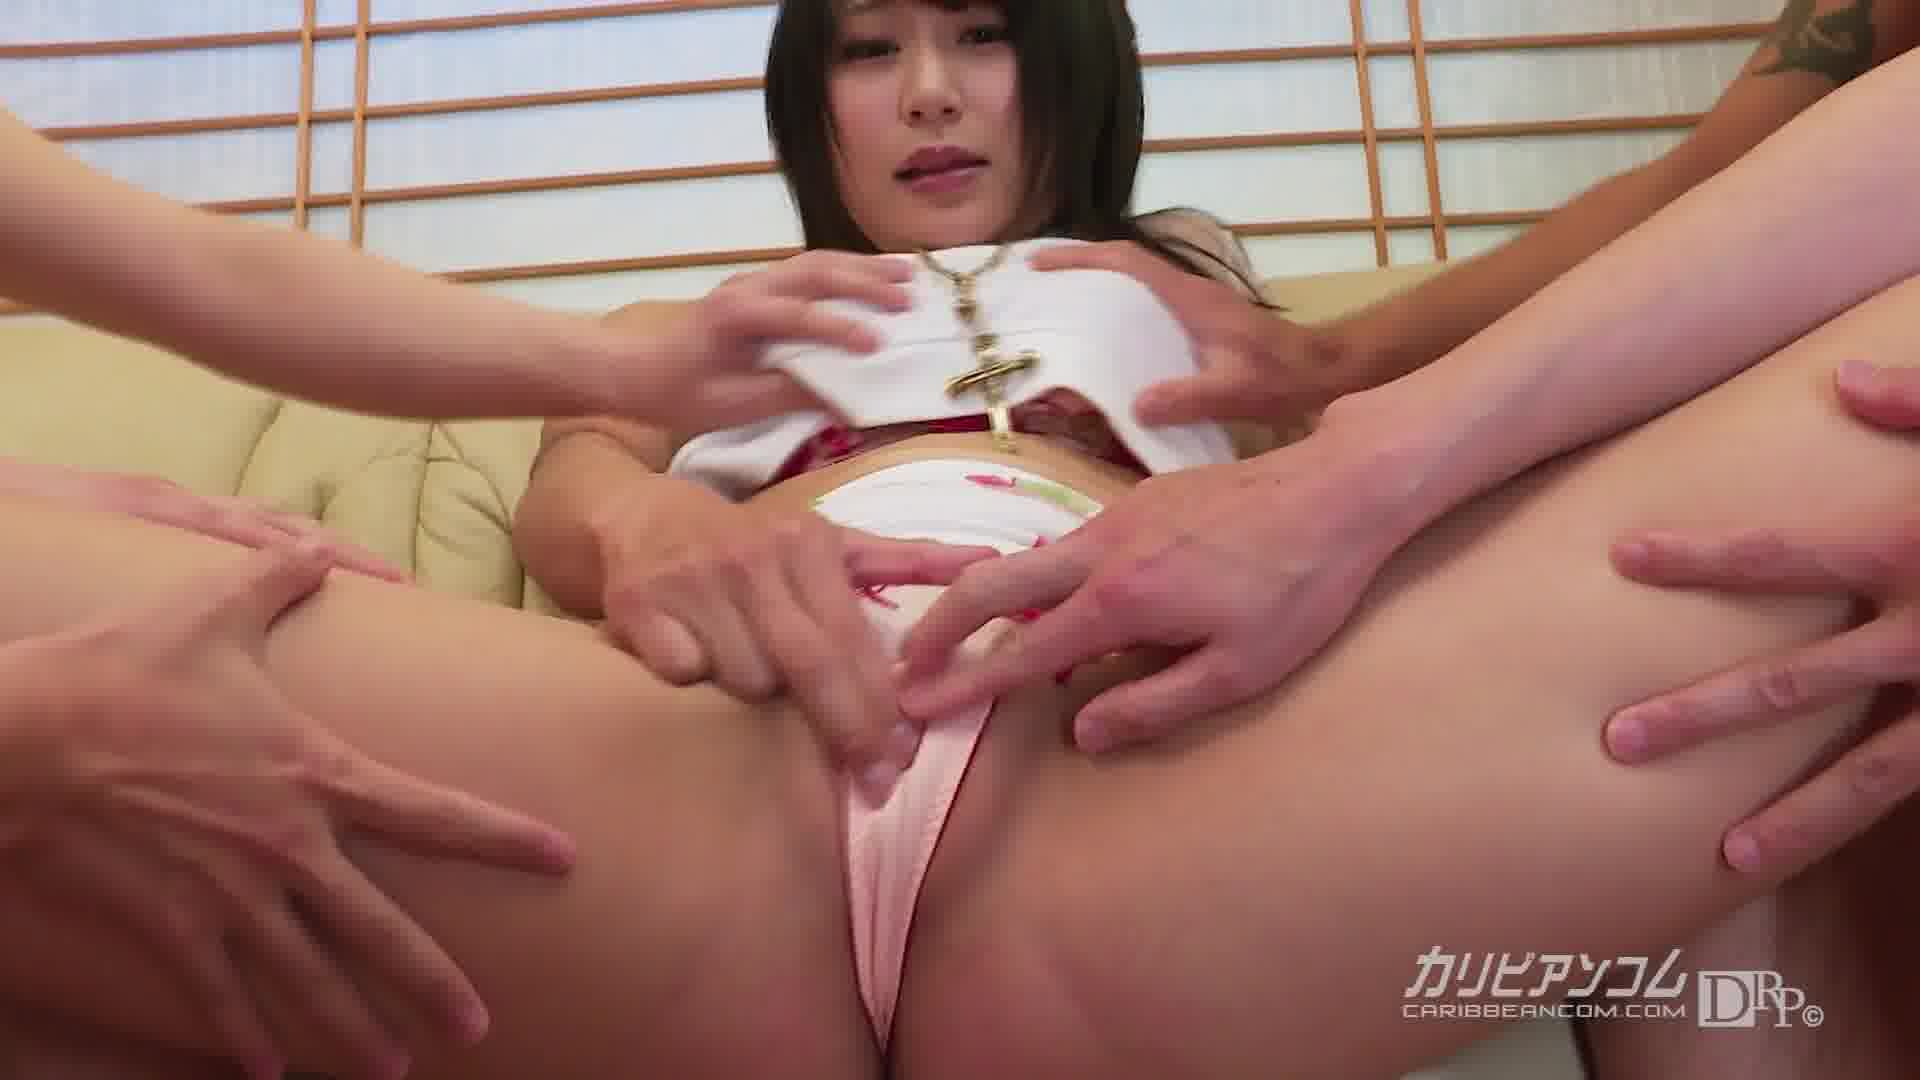 ダイナマイト 原千草 - 原千草【巨乳・イラマチオ・3P】